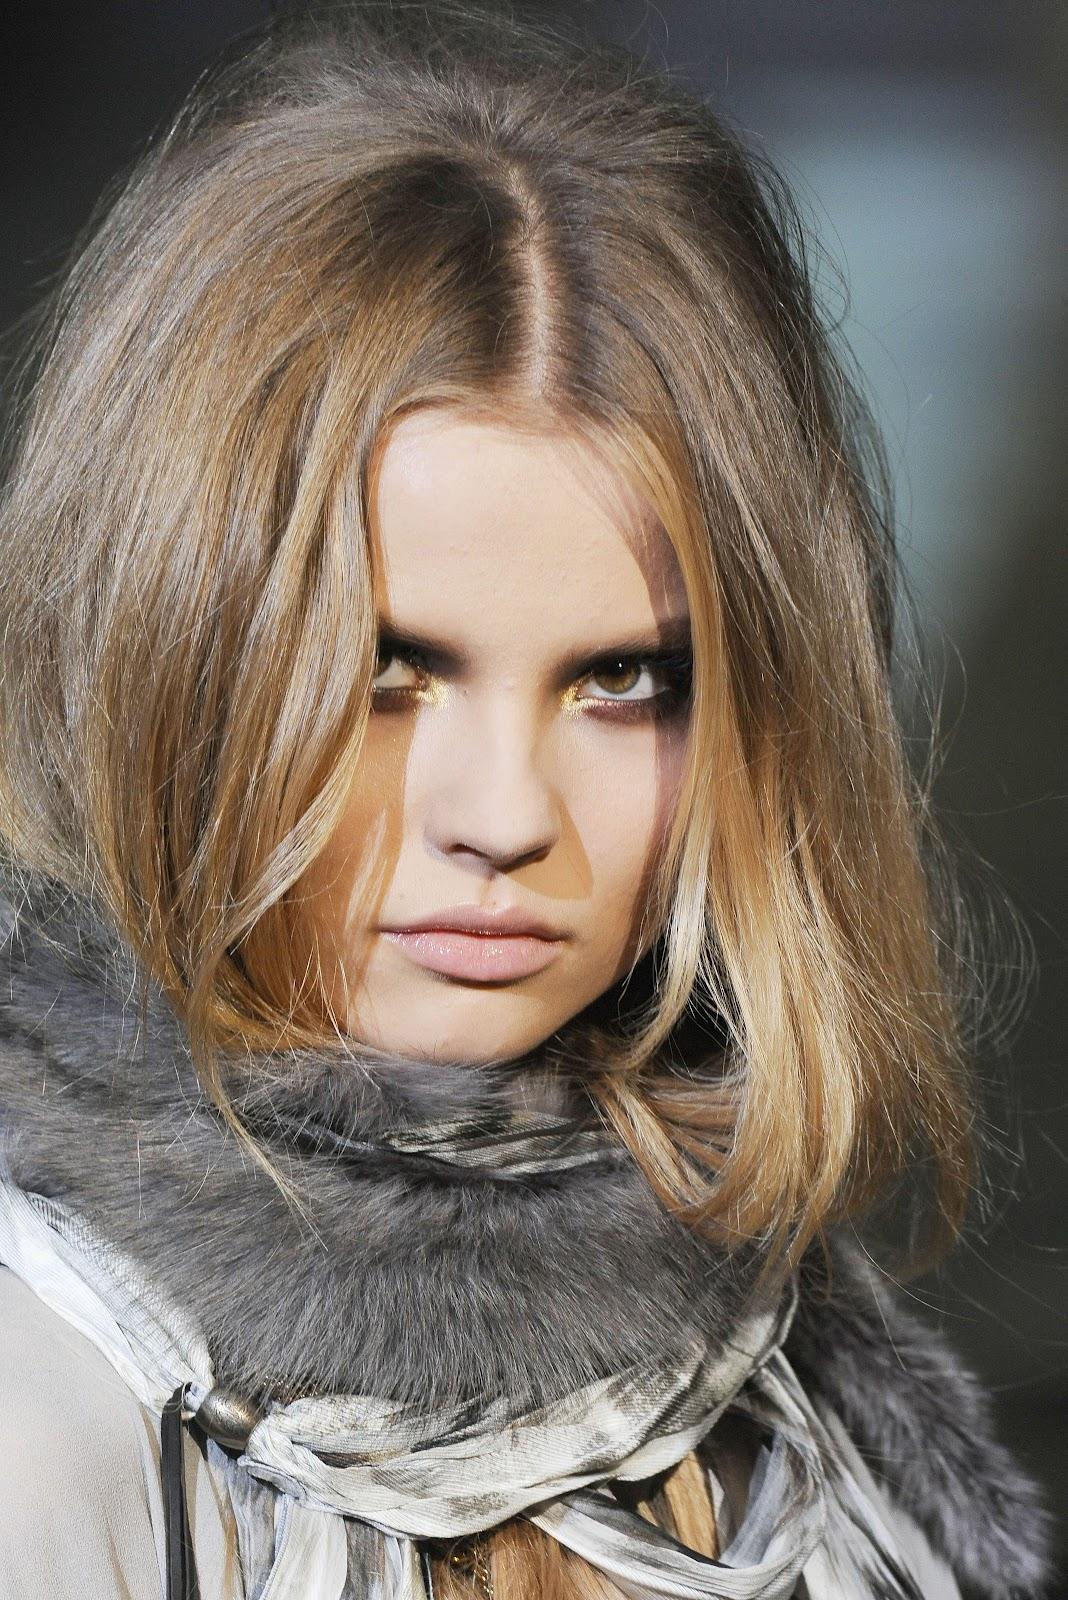 http://3.bp.blogspot.com/-ncNgAIueUhI/UB85FAwDZcI/AAAAAAAAAW4/6prCPMKI4vQ/s1600/hair.jpeg